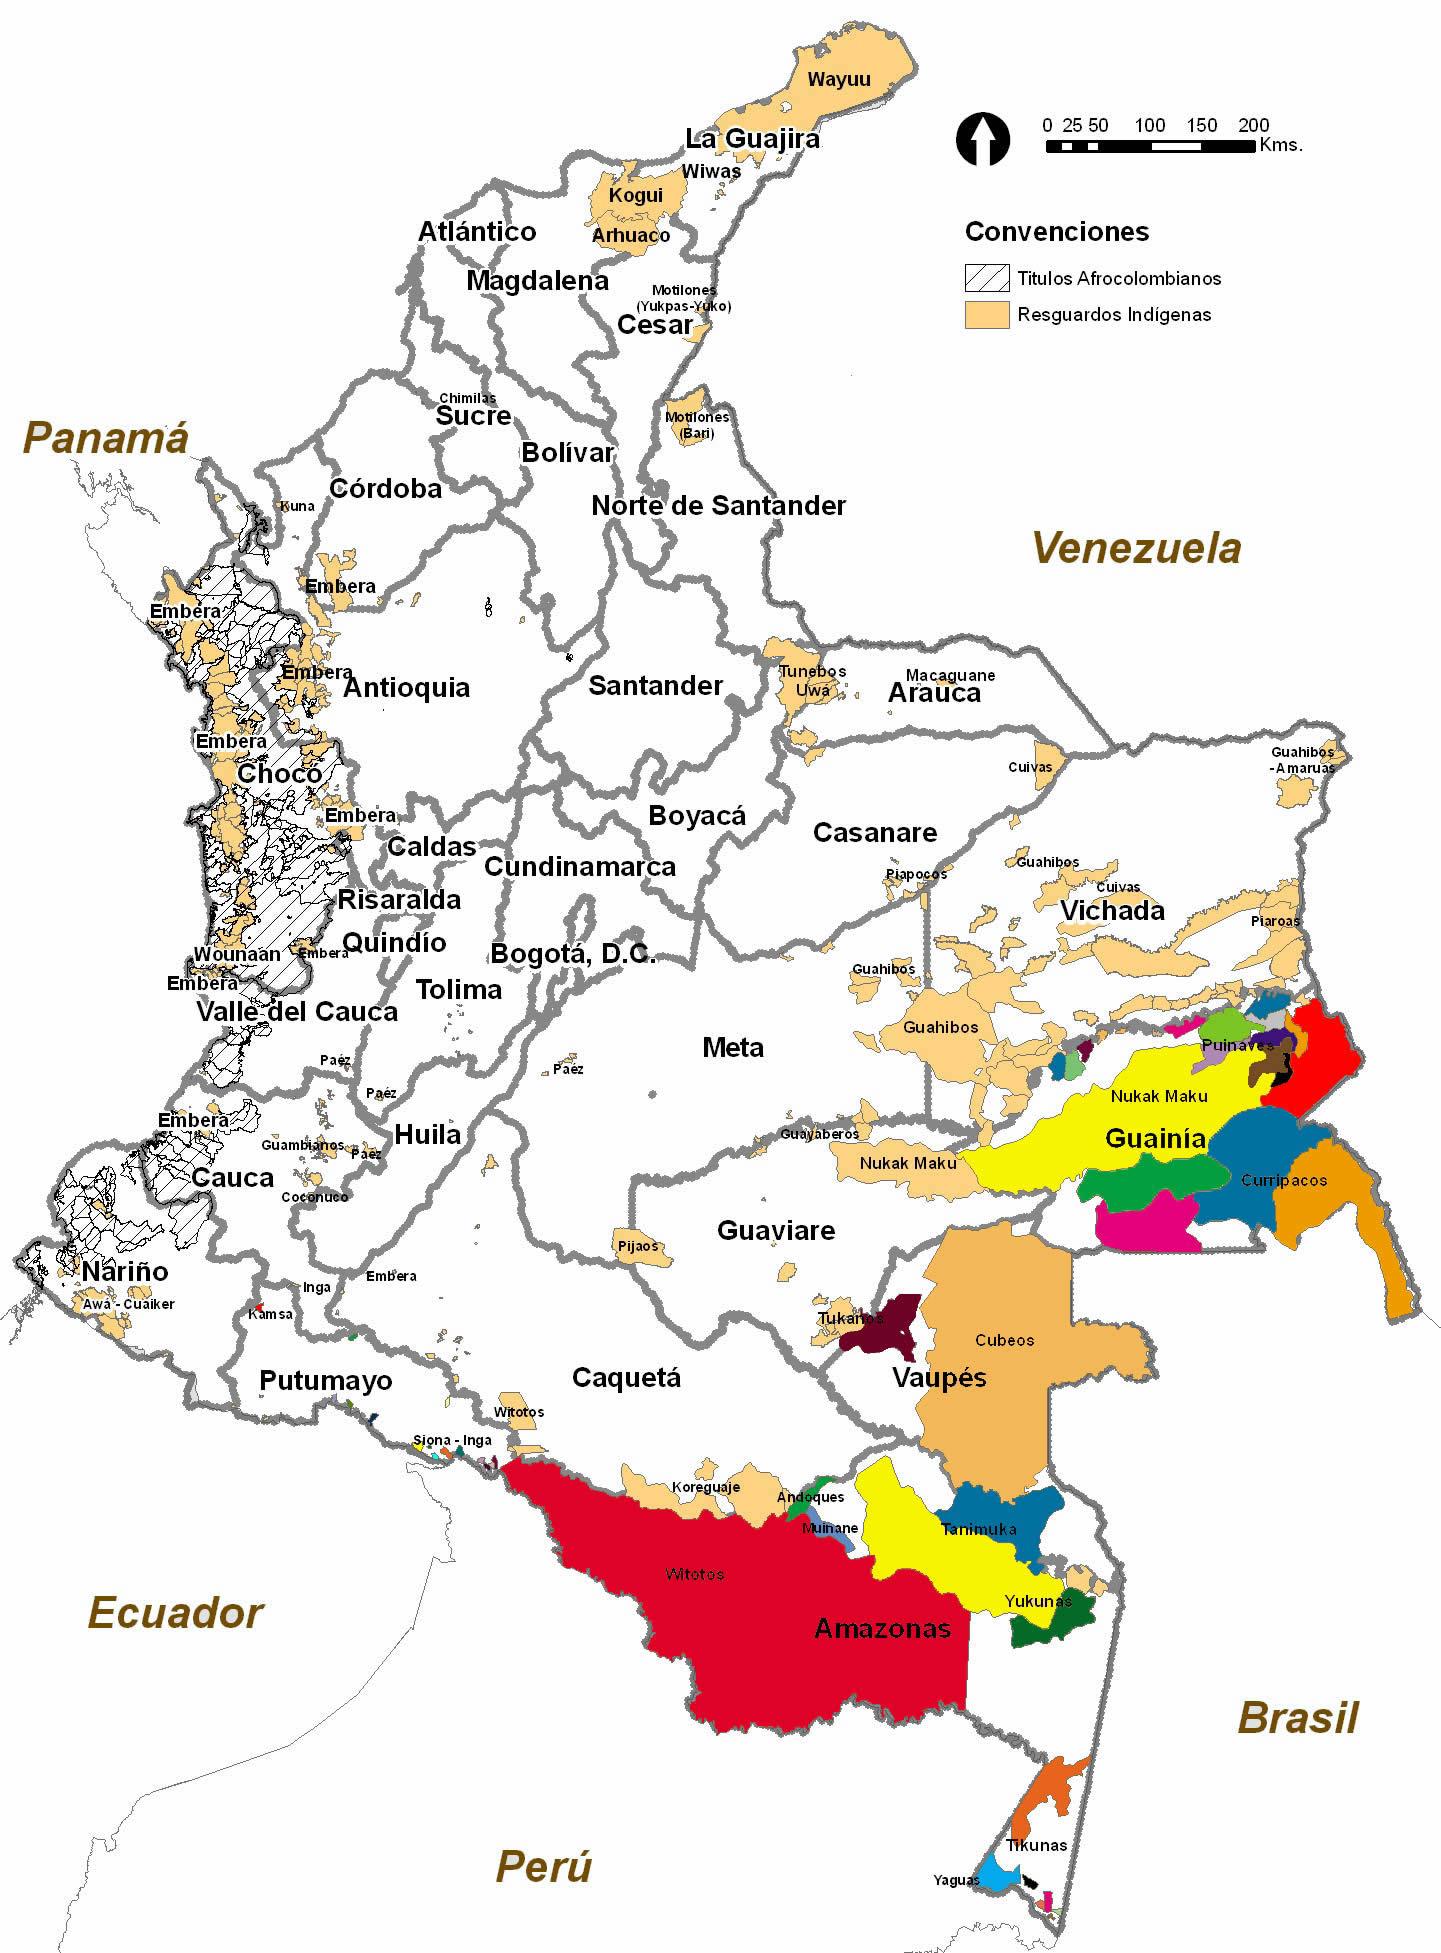 Colombia Resguardos Indgenas de la Amazona